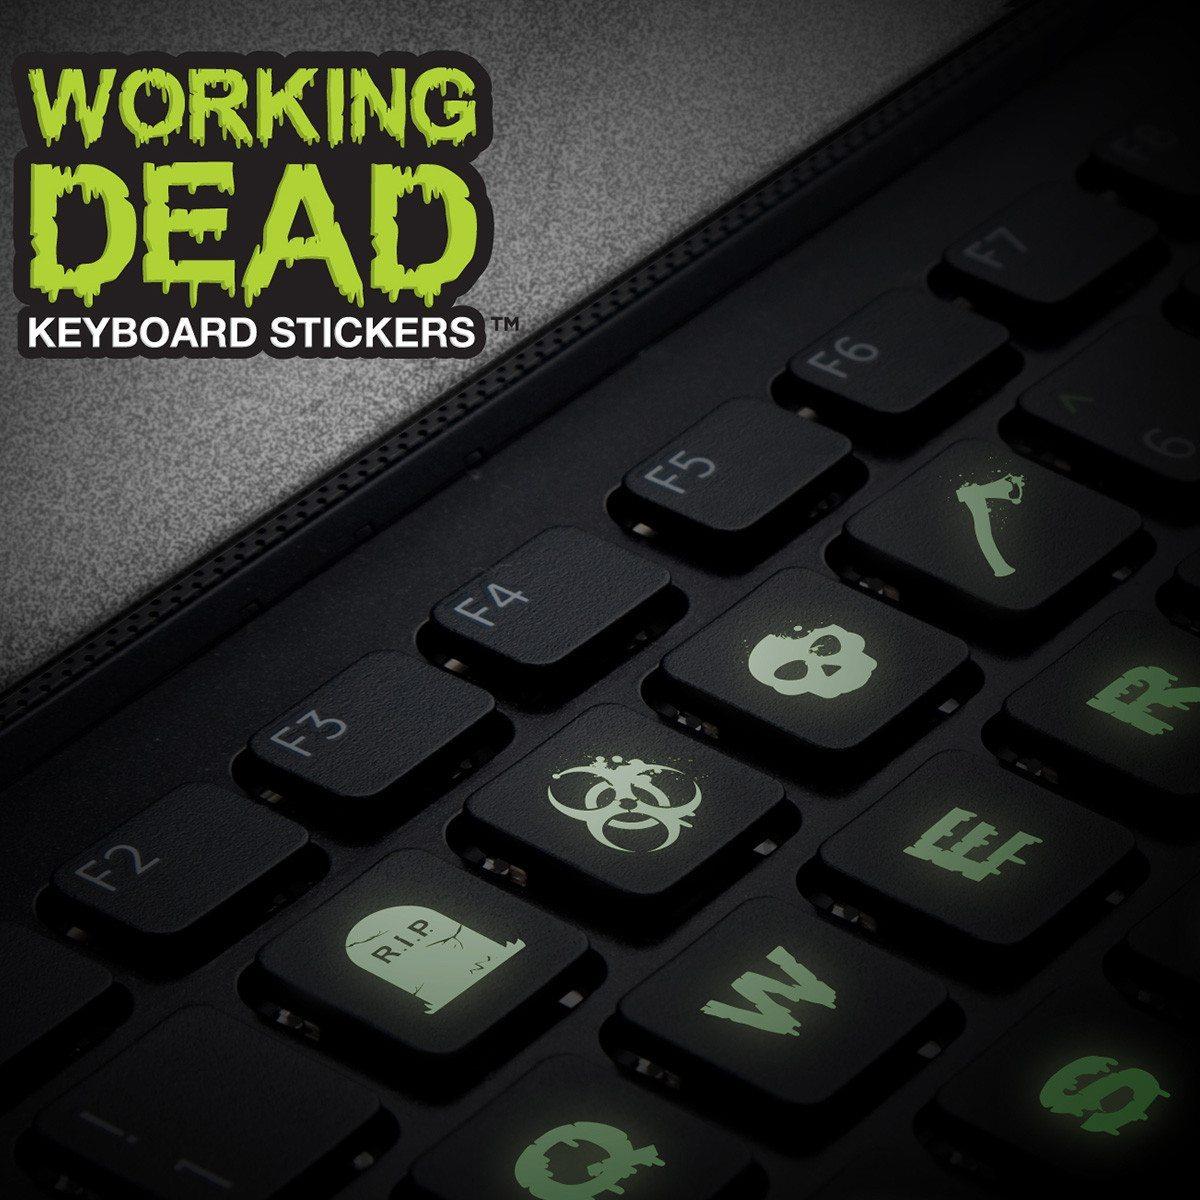 Selvlysende tastaturklistermærker